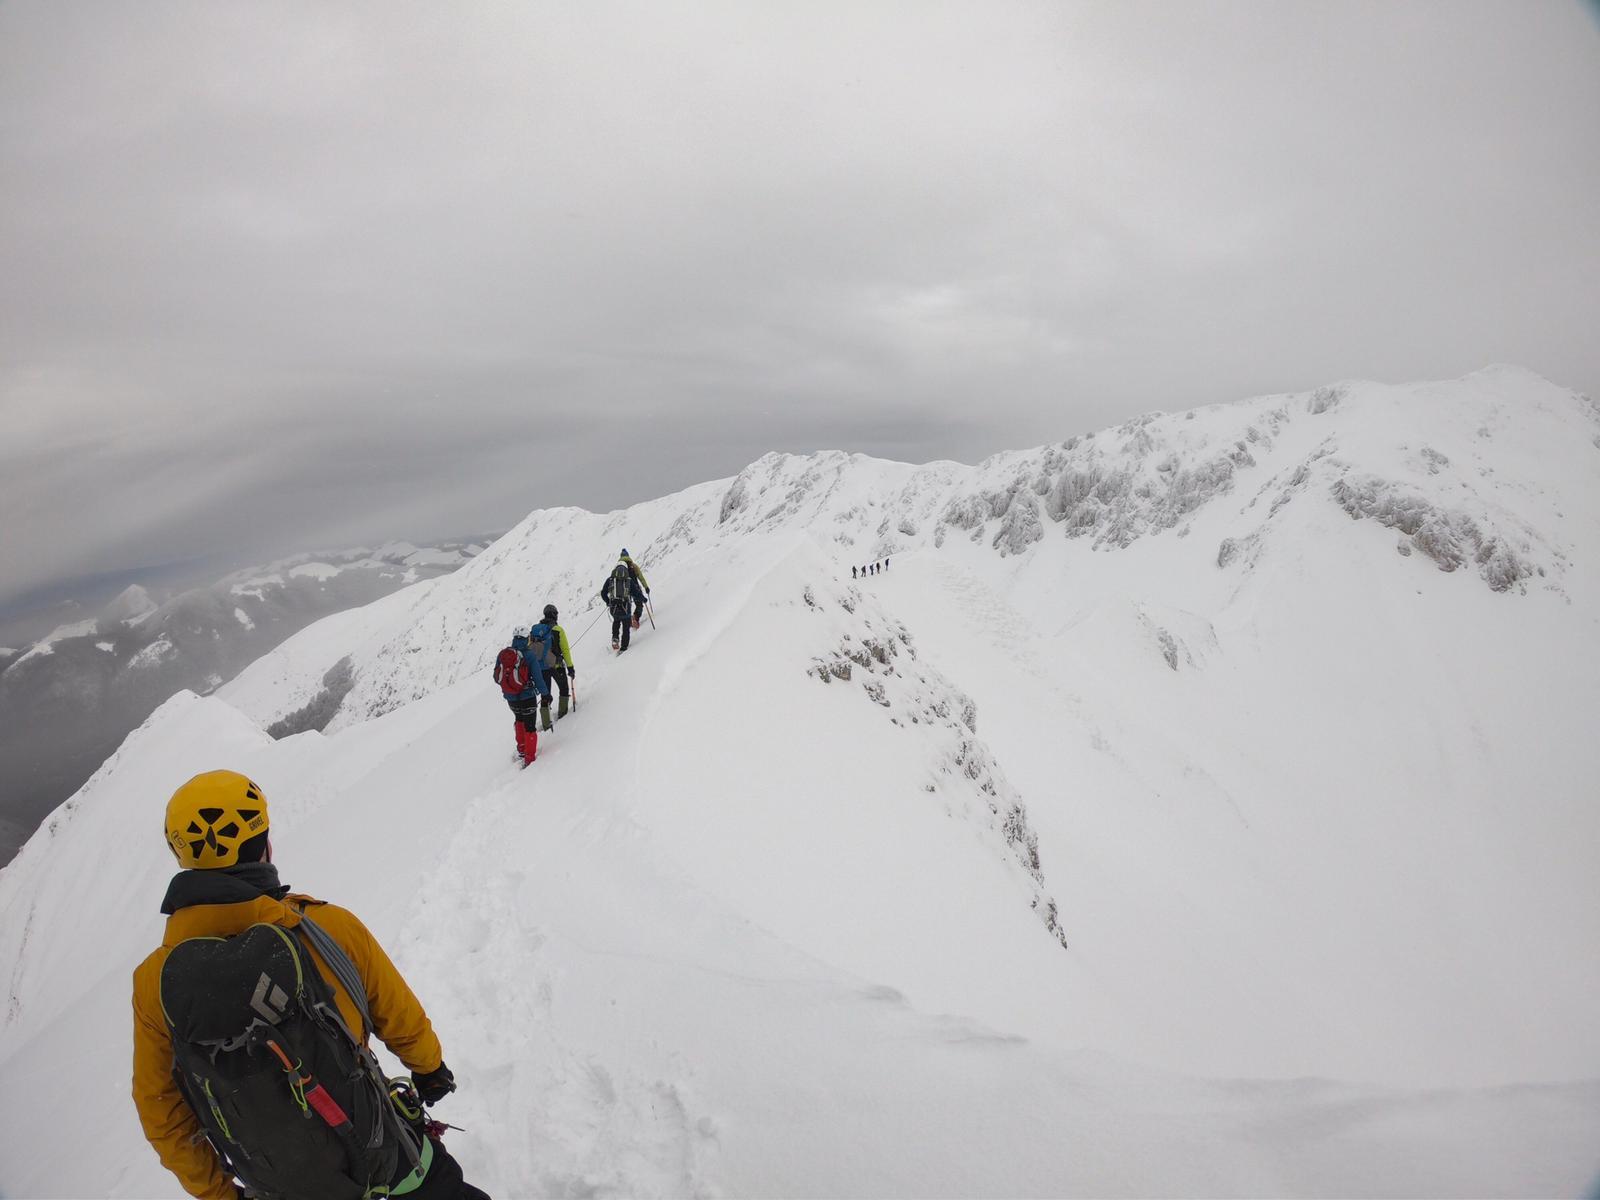 terminillo alpinismo invernale